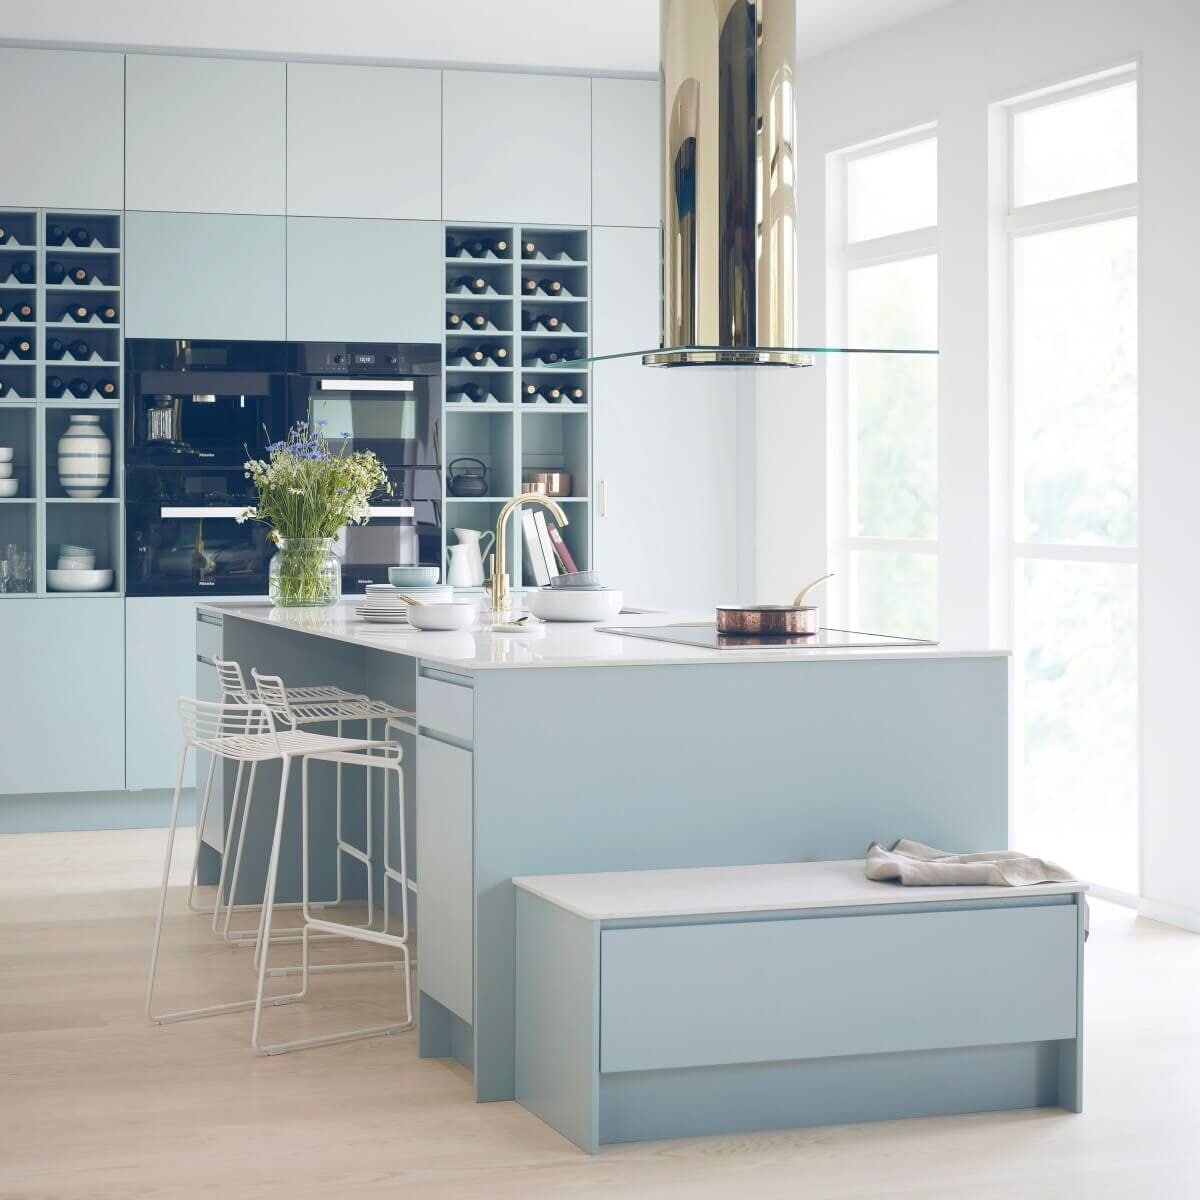 Frihängande köksfläkten Ikon i mässingutförande på avstånd i modernt kök i ljusblåa toner.